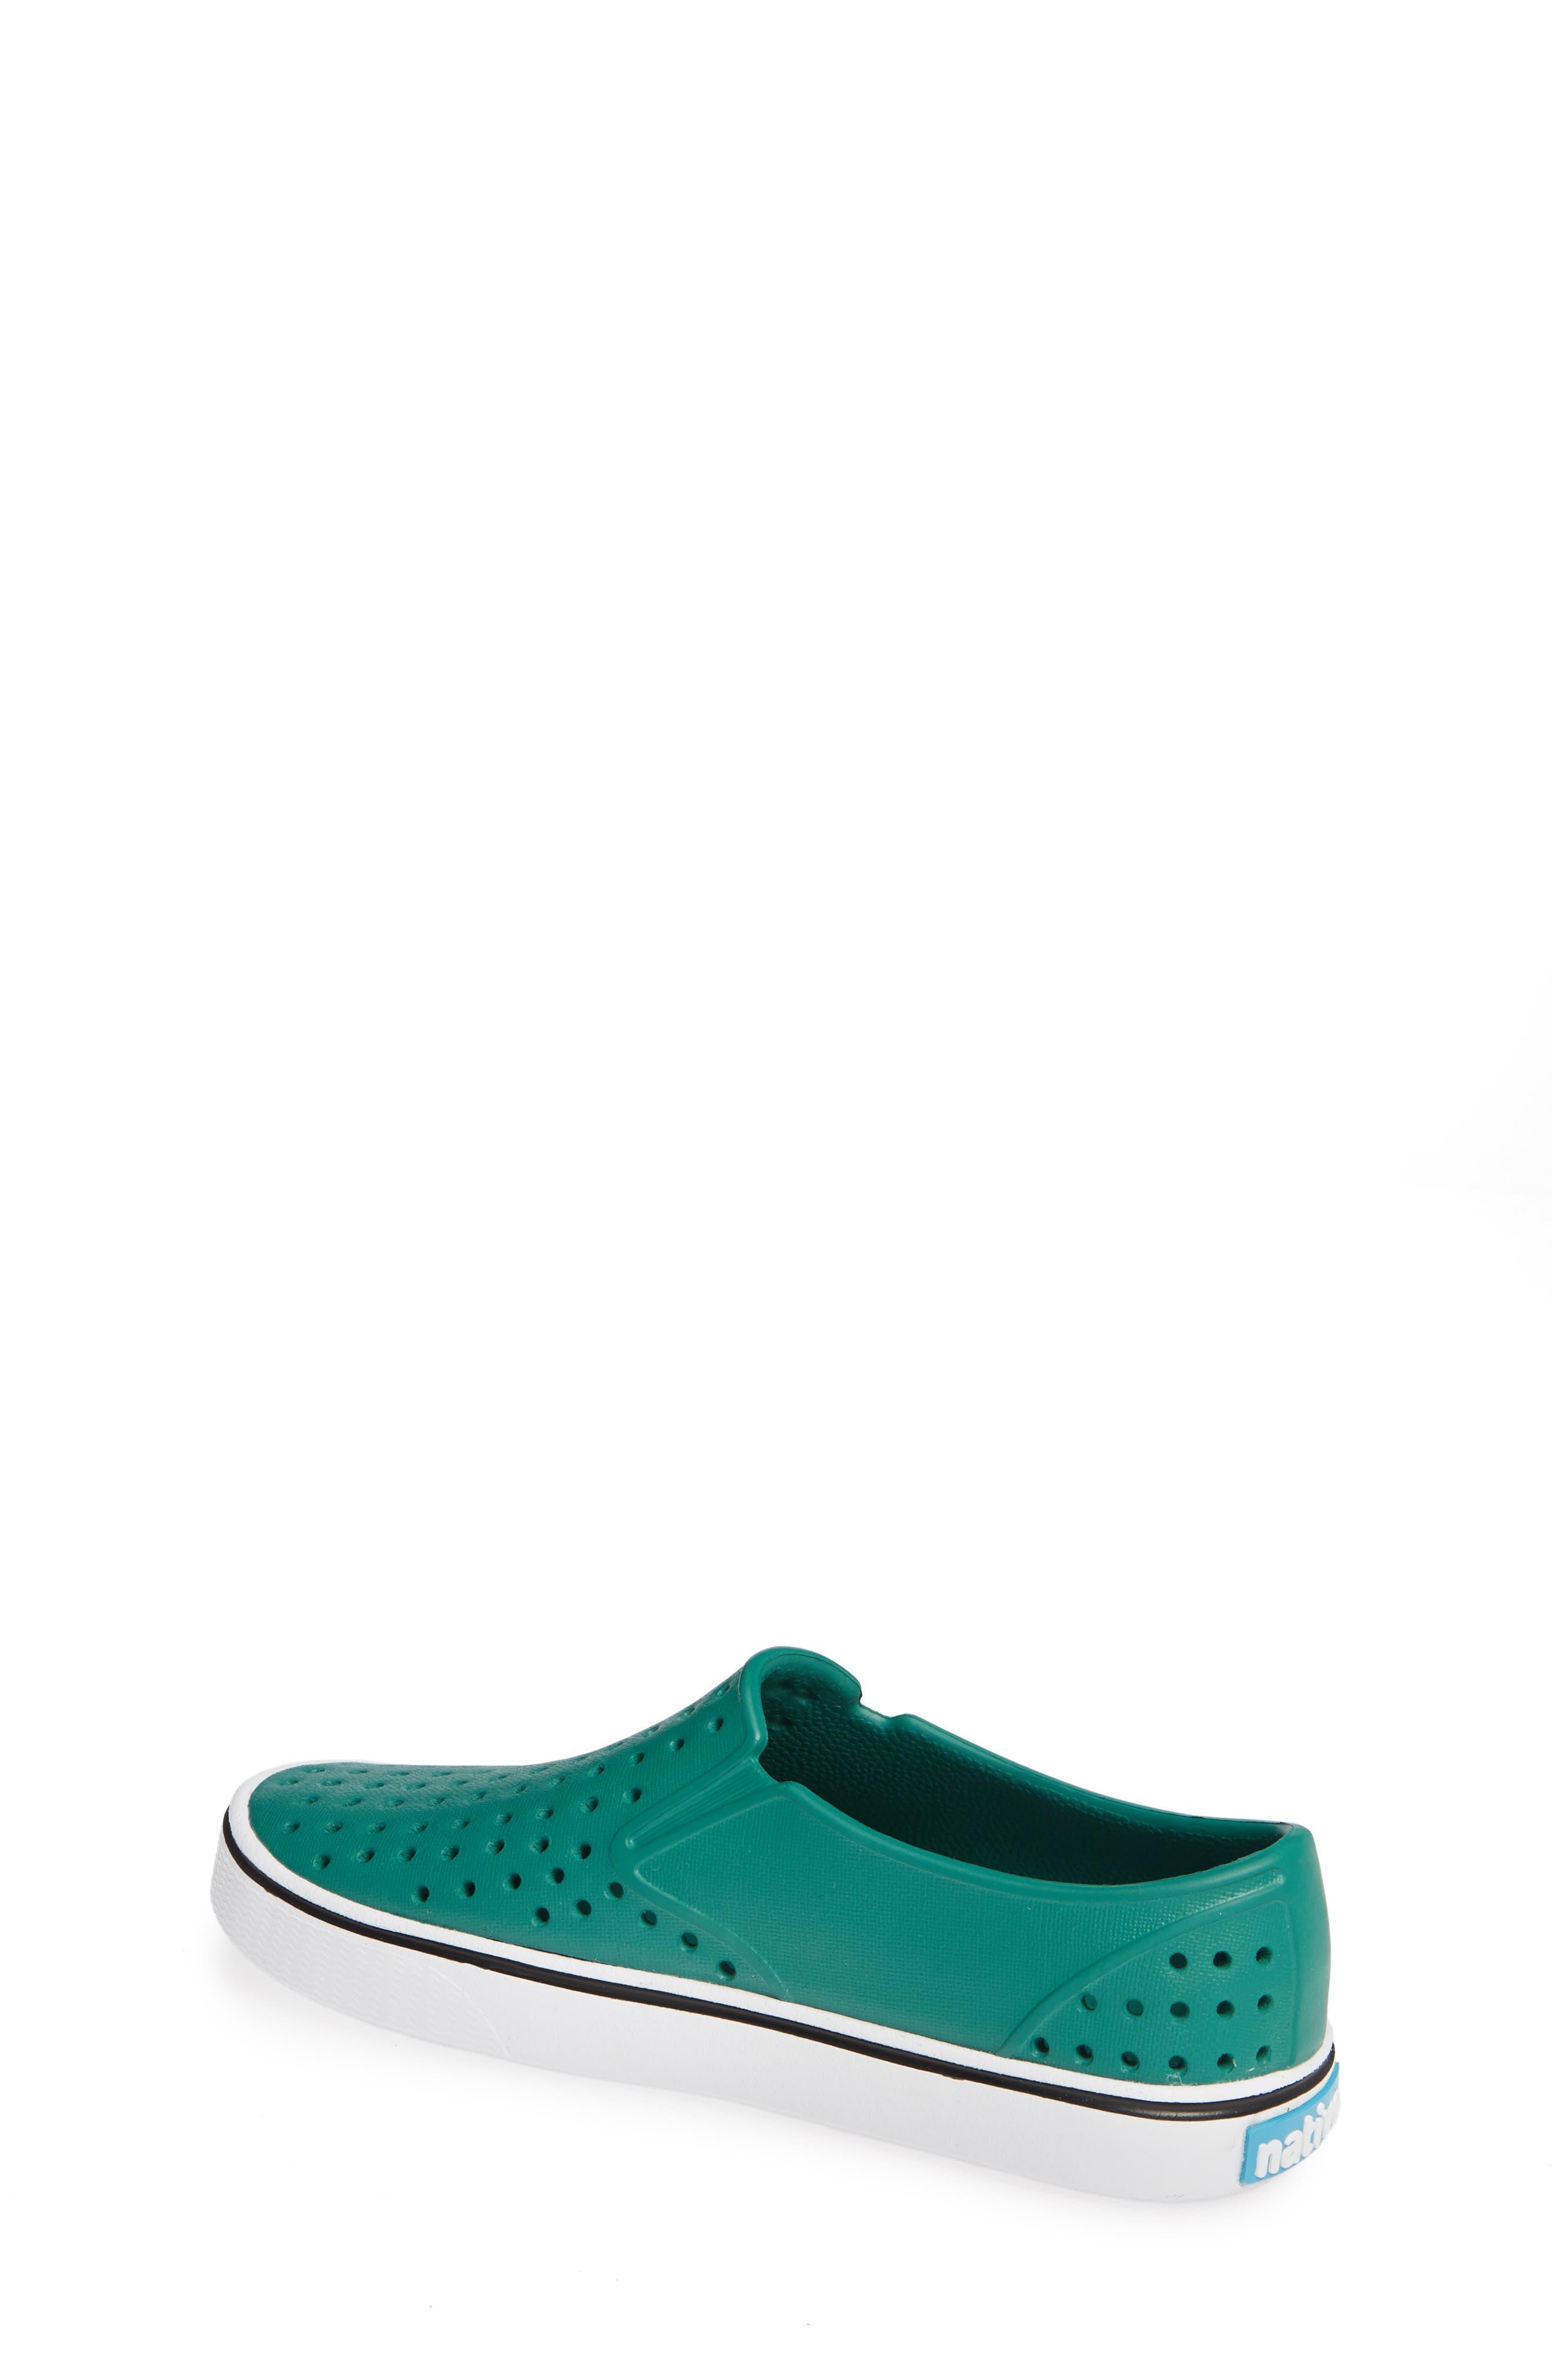 Miles Water Friendly Slip-On Vegan Sneaker,                             Alternate thumbnail 2, color,                             EVERGREEN/ SHELL WHITE